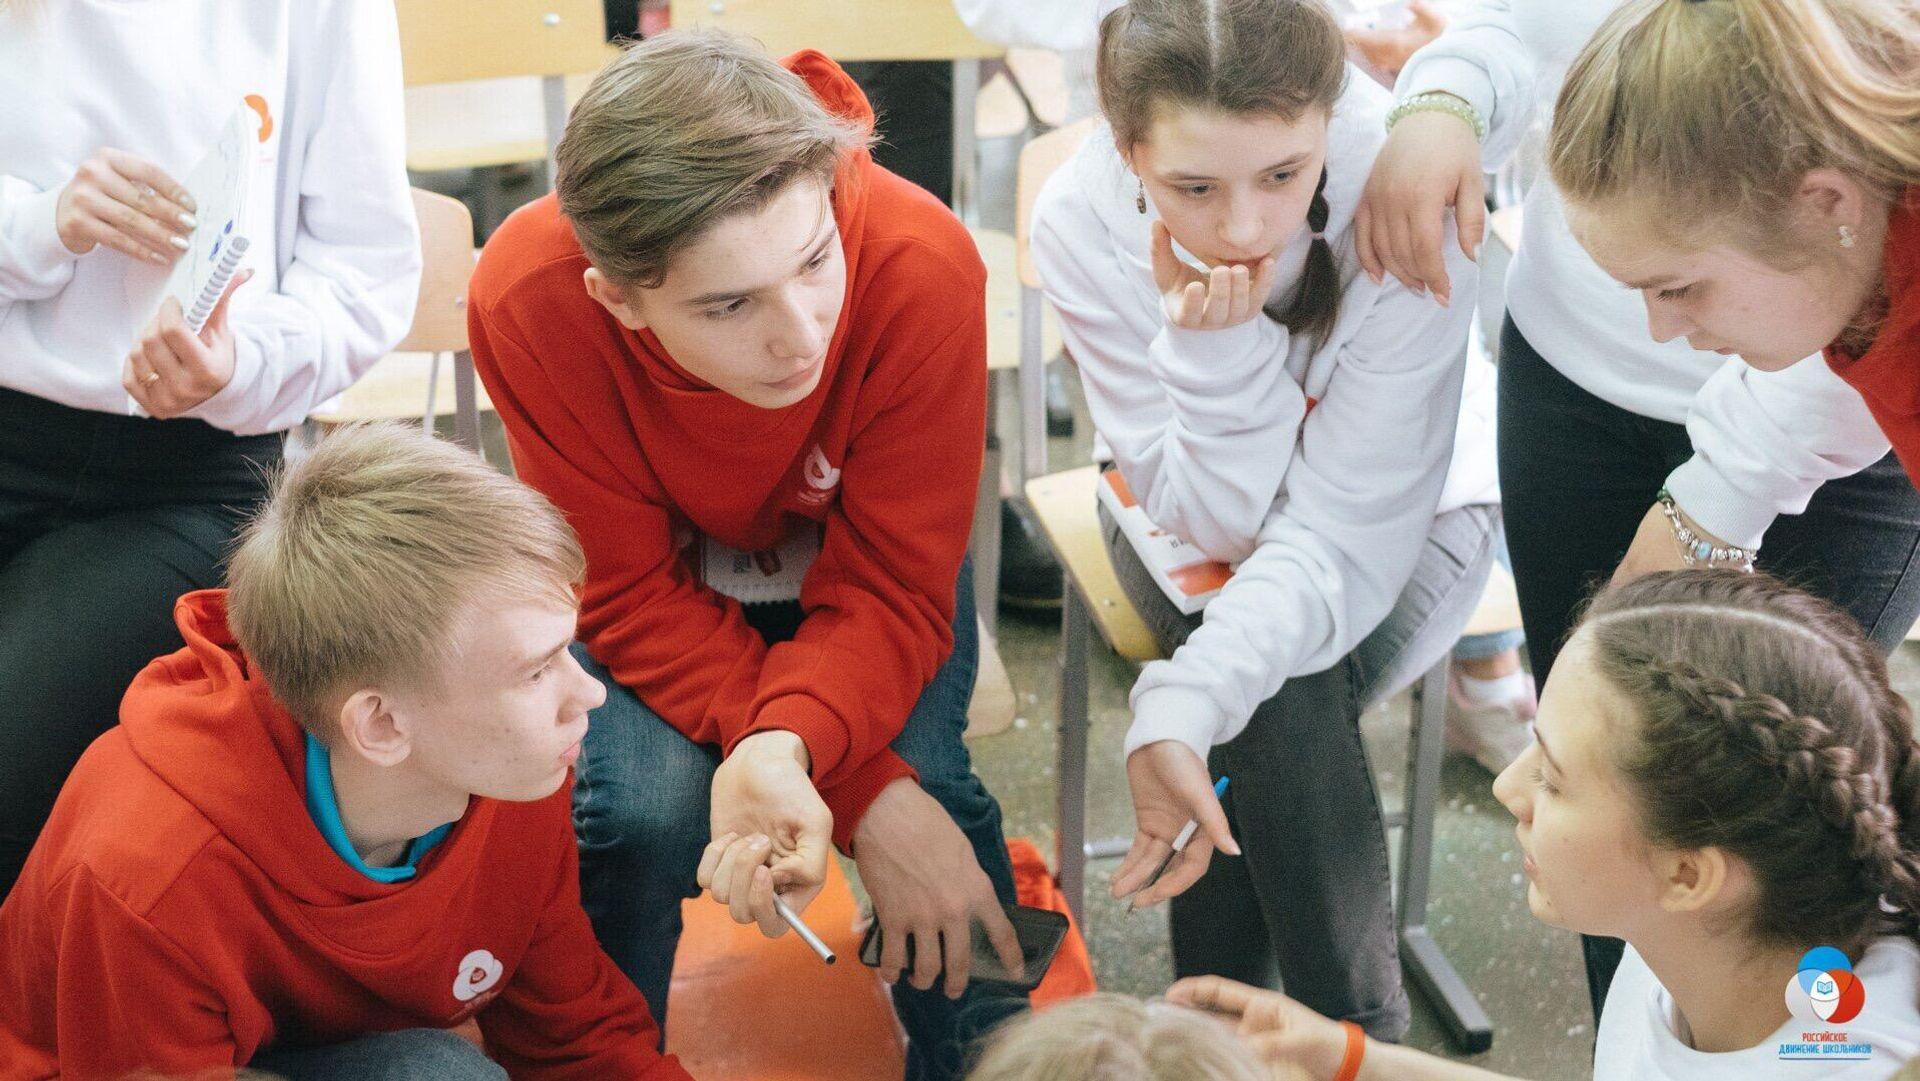 Школьники во время конкурса РДШ - территория самоуправления - РИА Новости, 1920, 30.11.2020